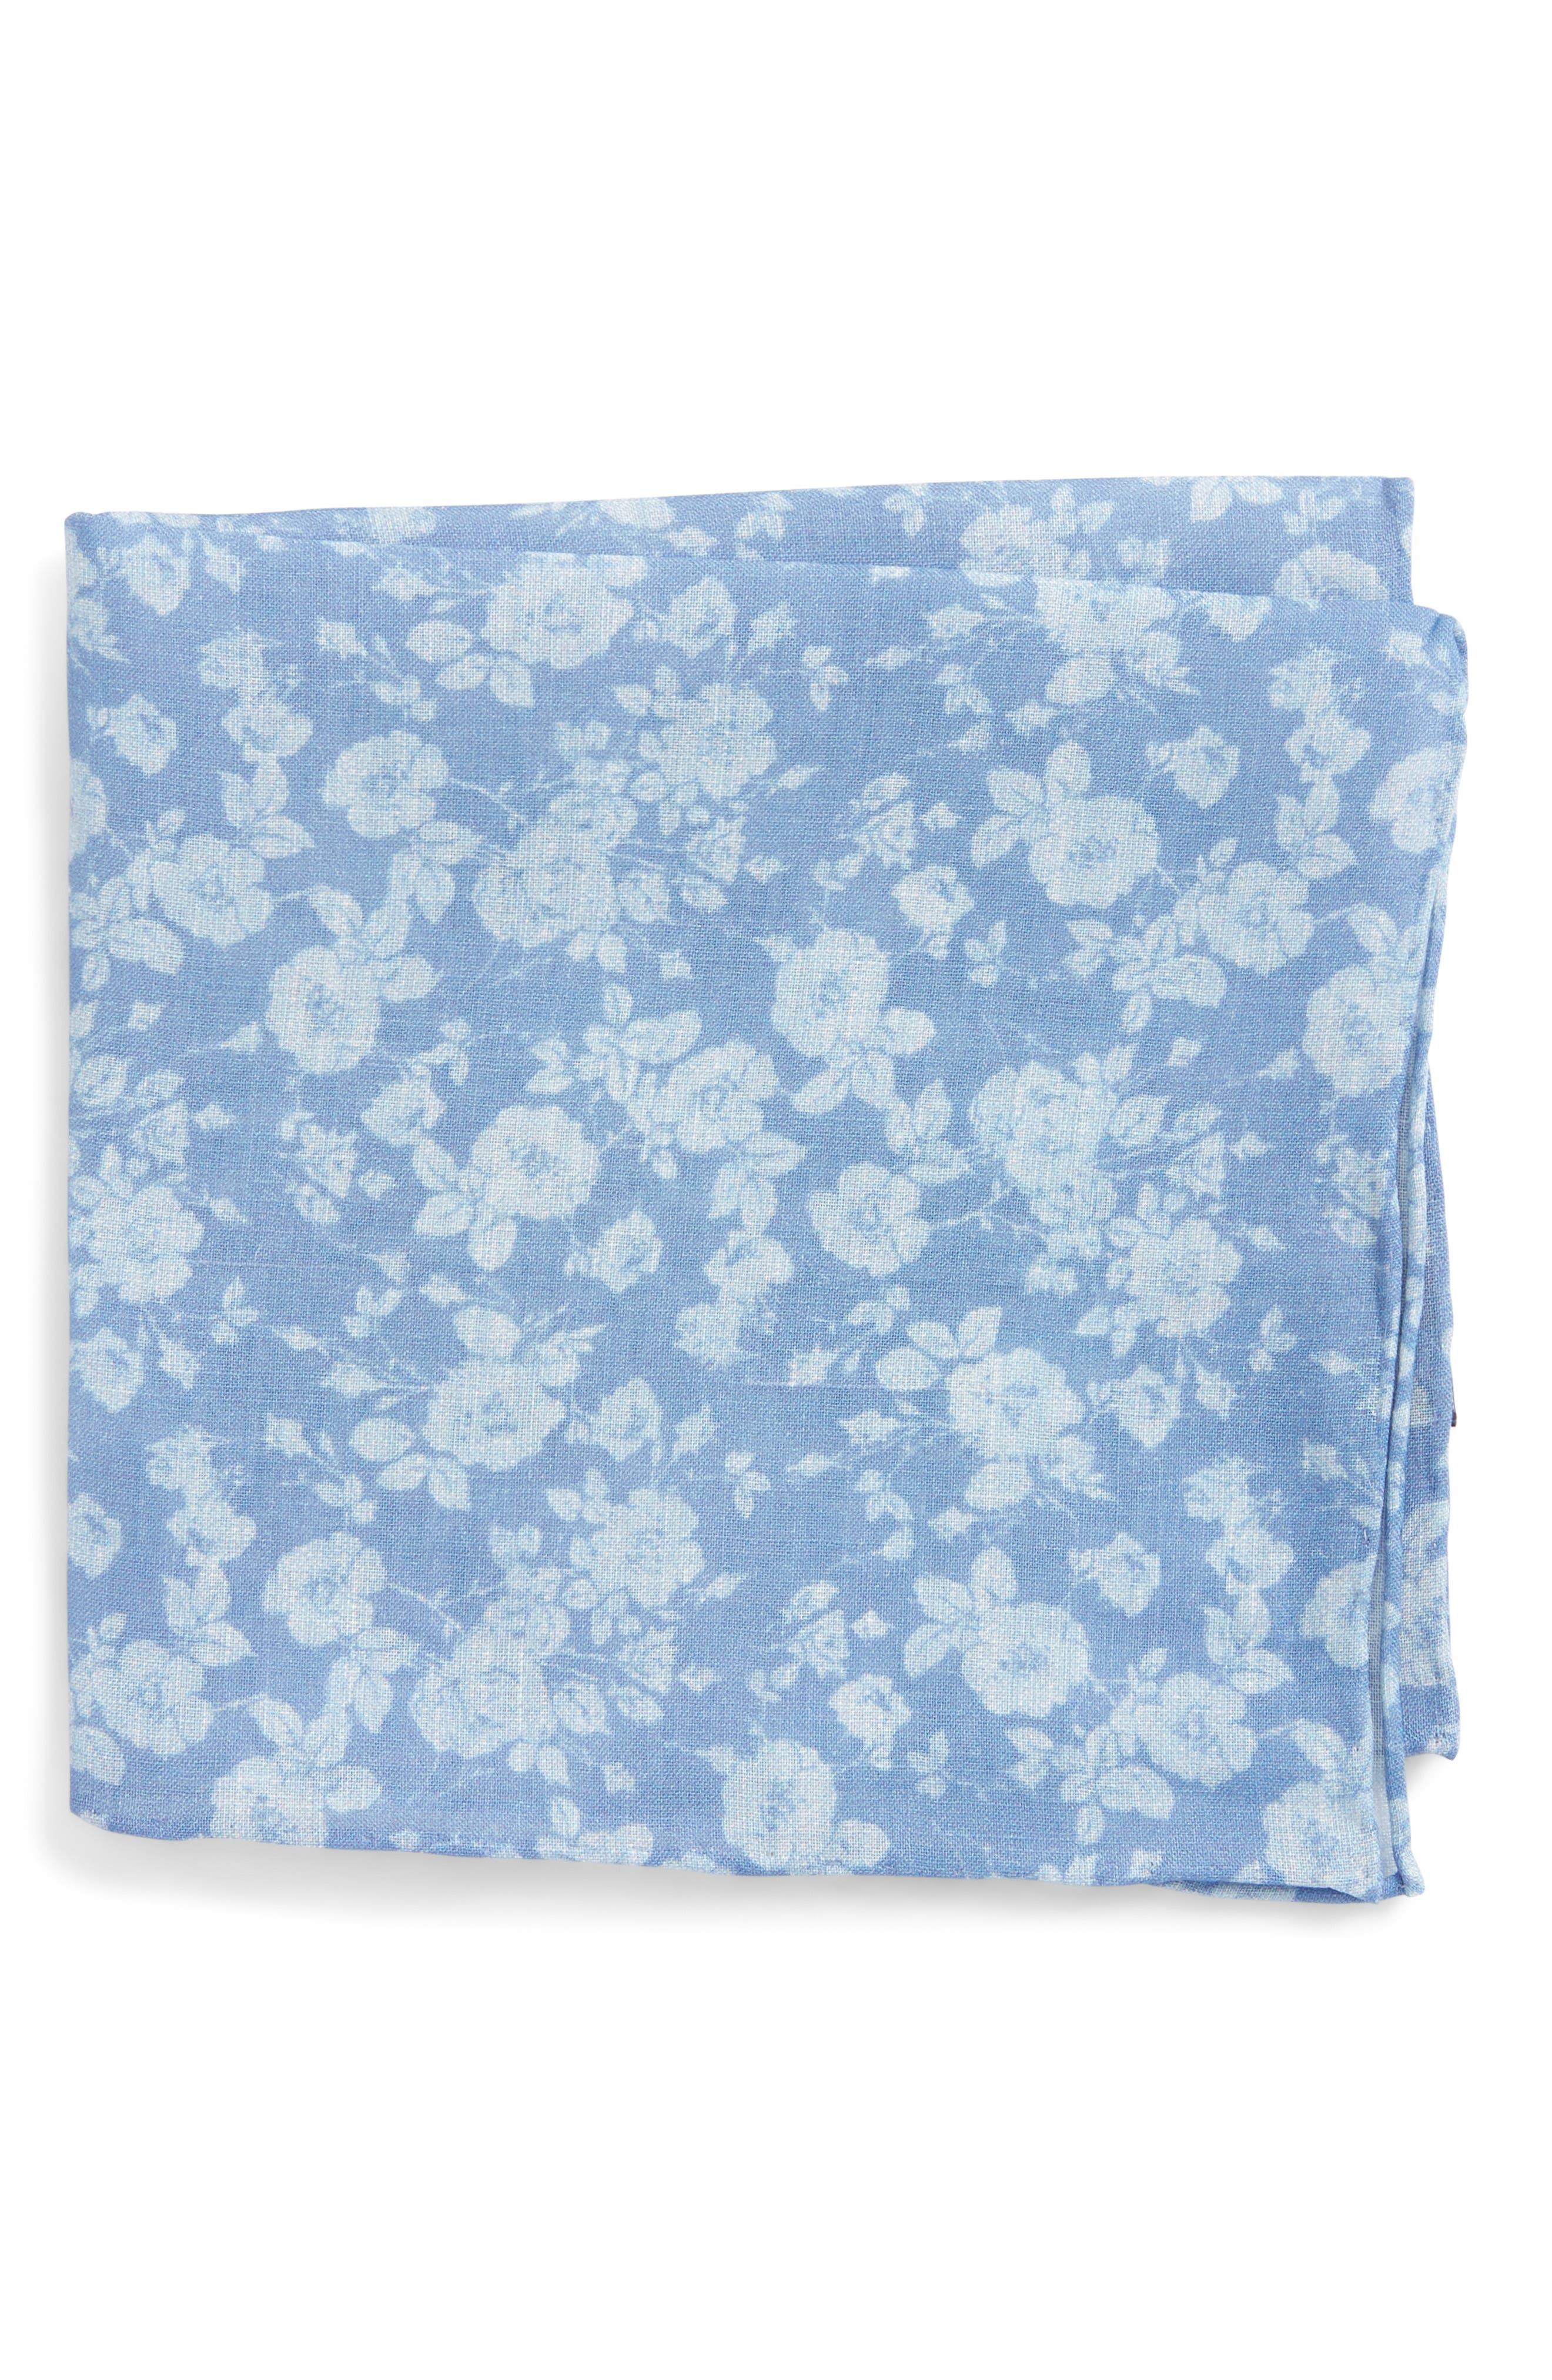 Buds Floral Linen Pocket Square,                         Main,                         color, Light Blue